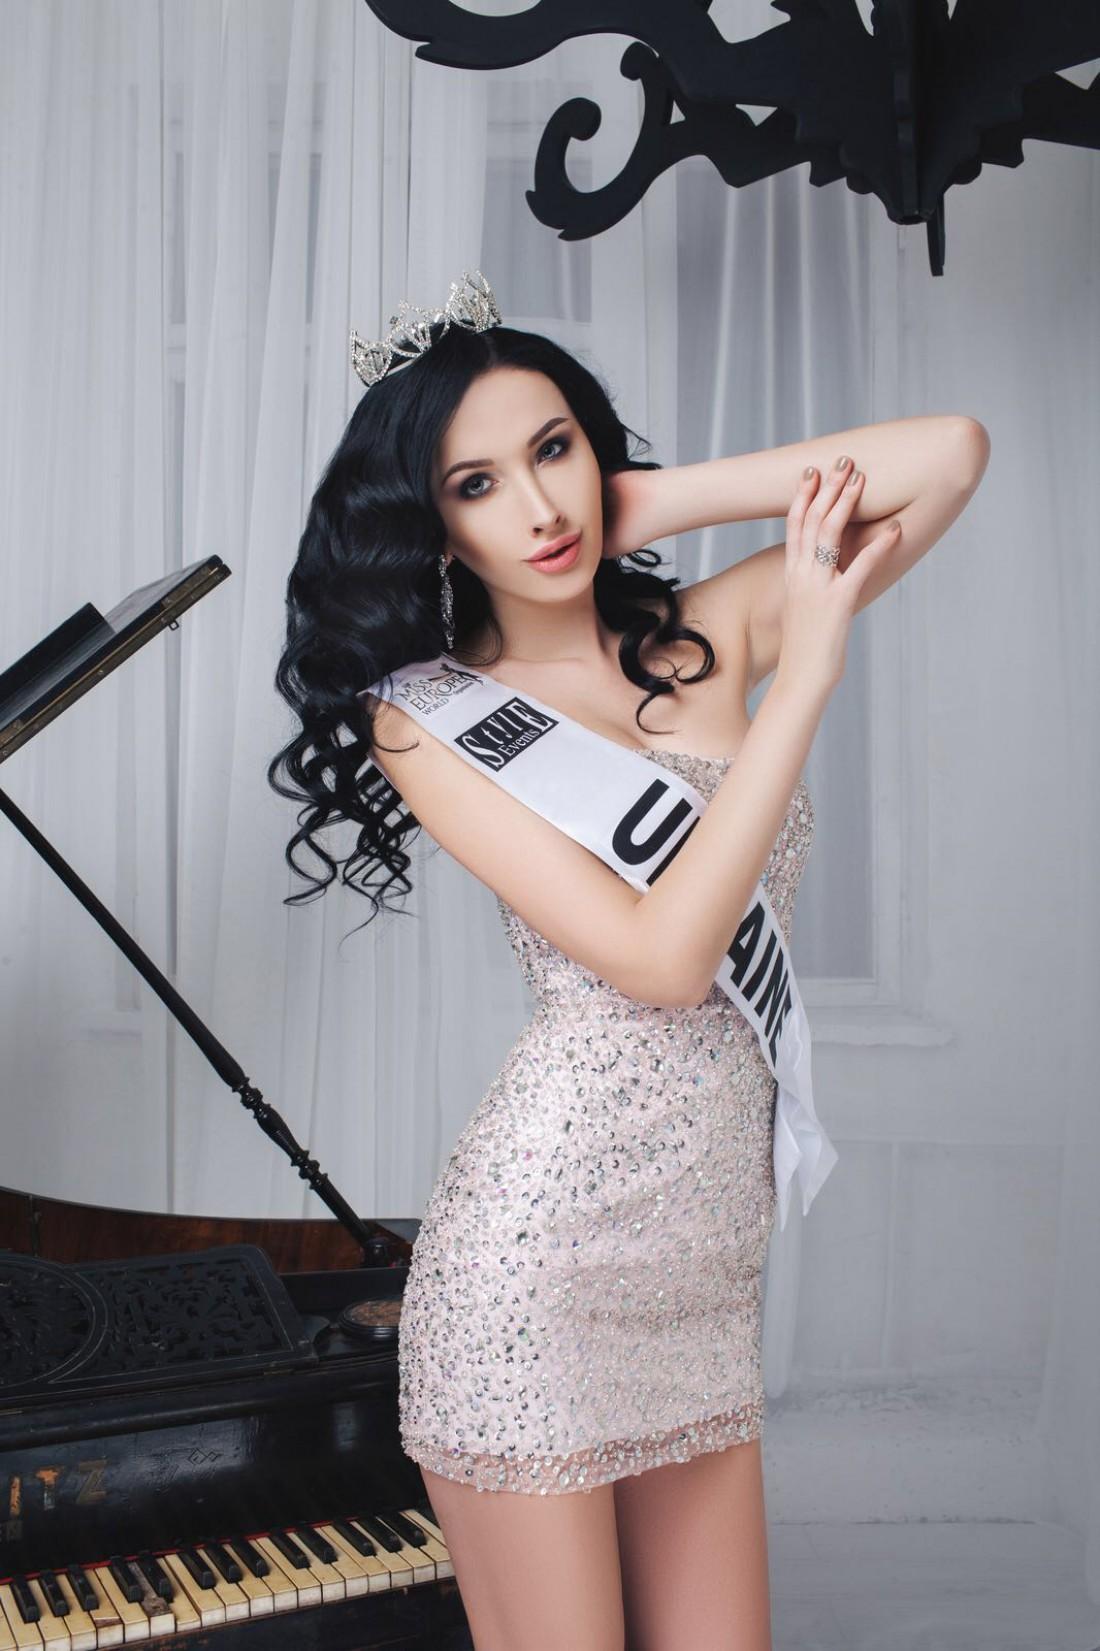 Photomodel of Universe: украинка признана одной из лучших моделей мира